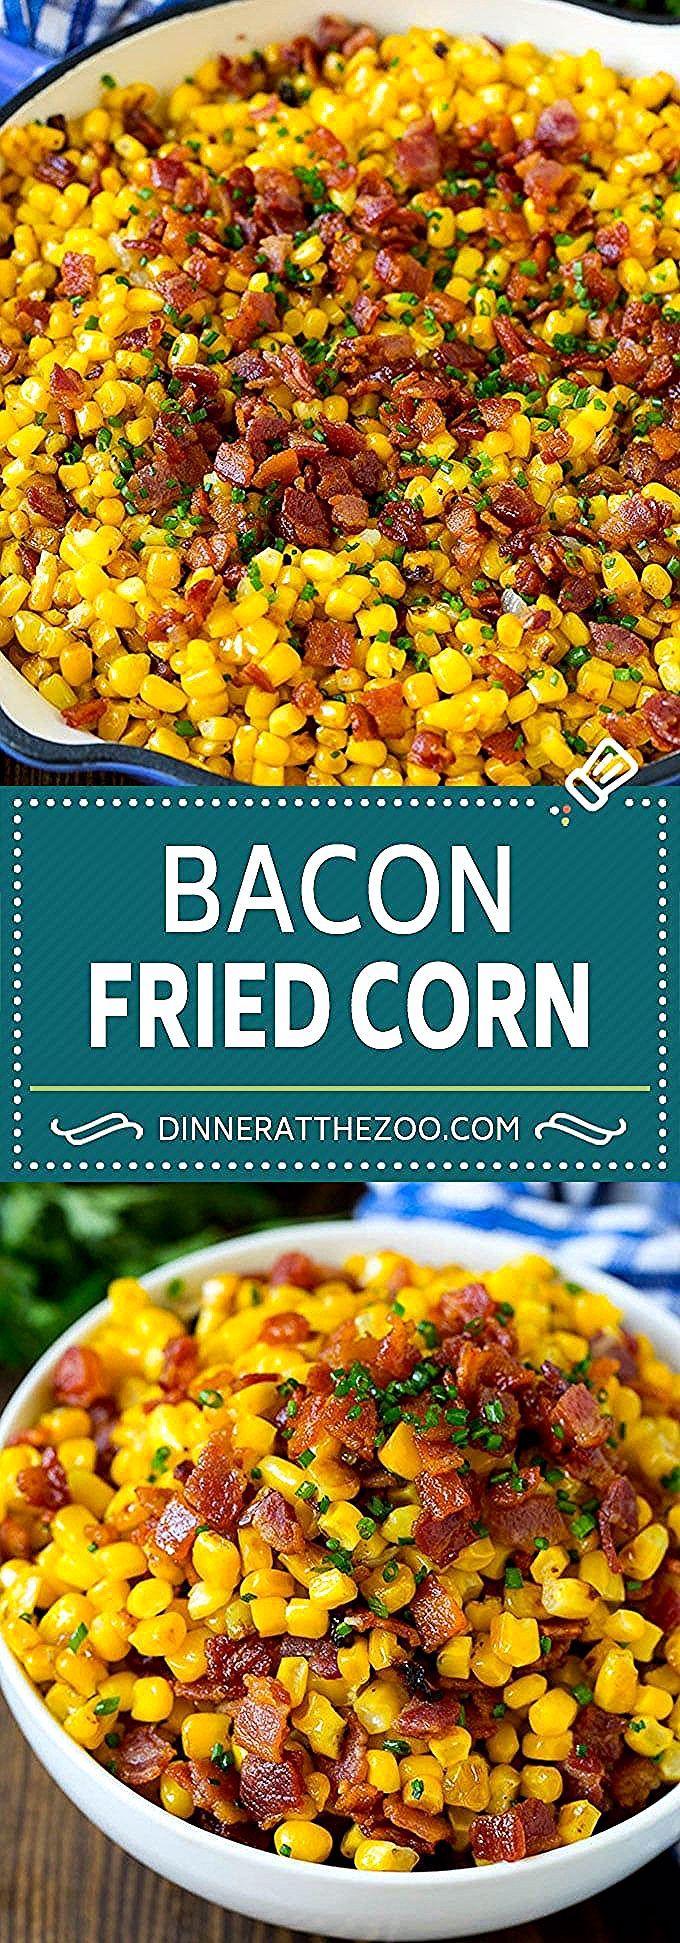 Bacon Fried Corn Recipe | Sauteed Corn | Corn Side Dish